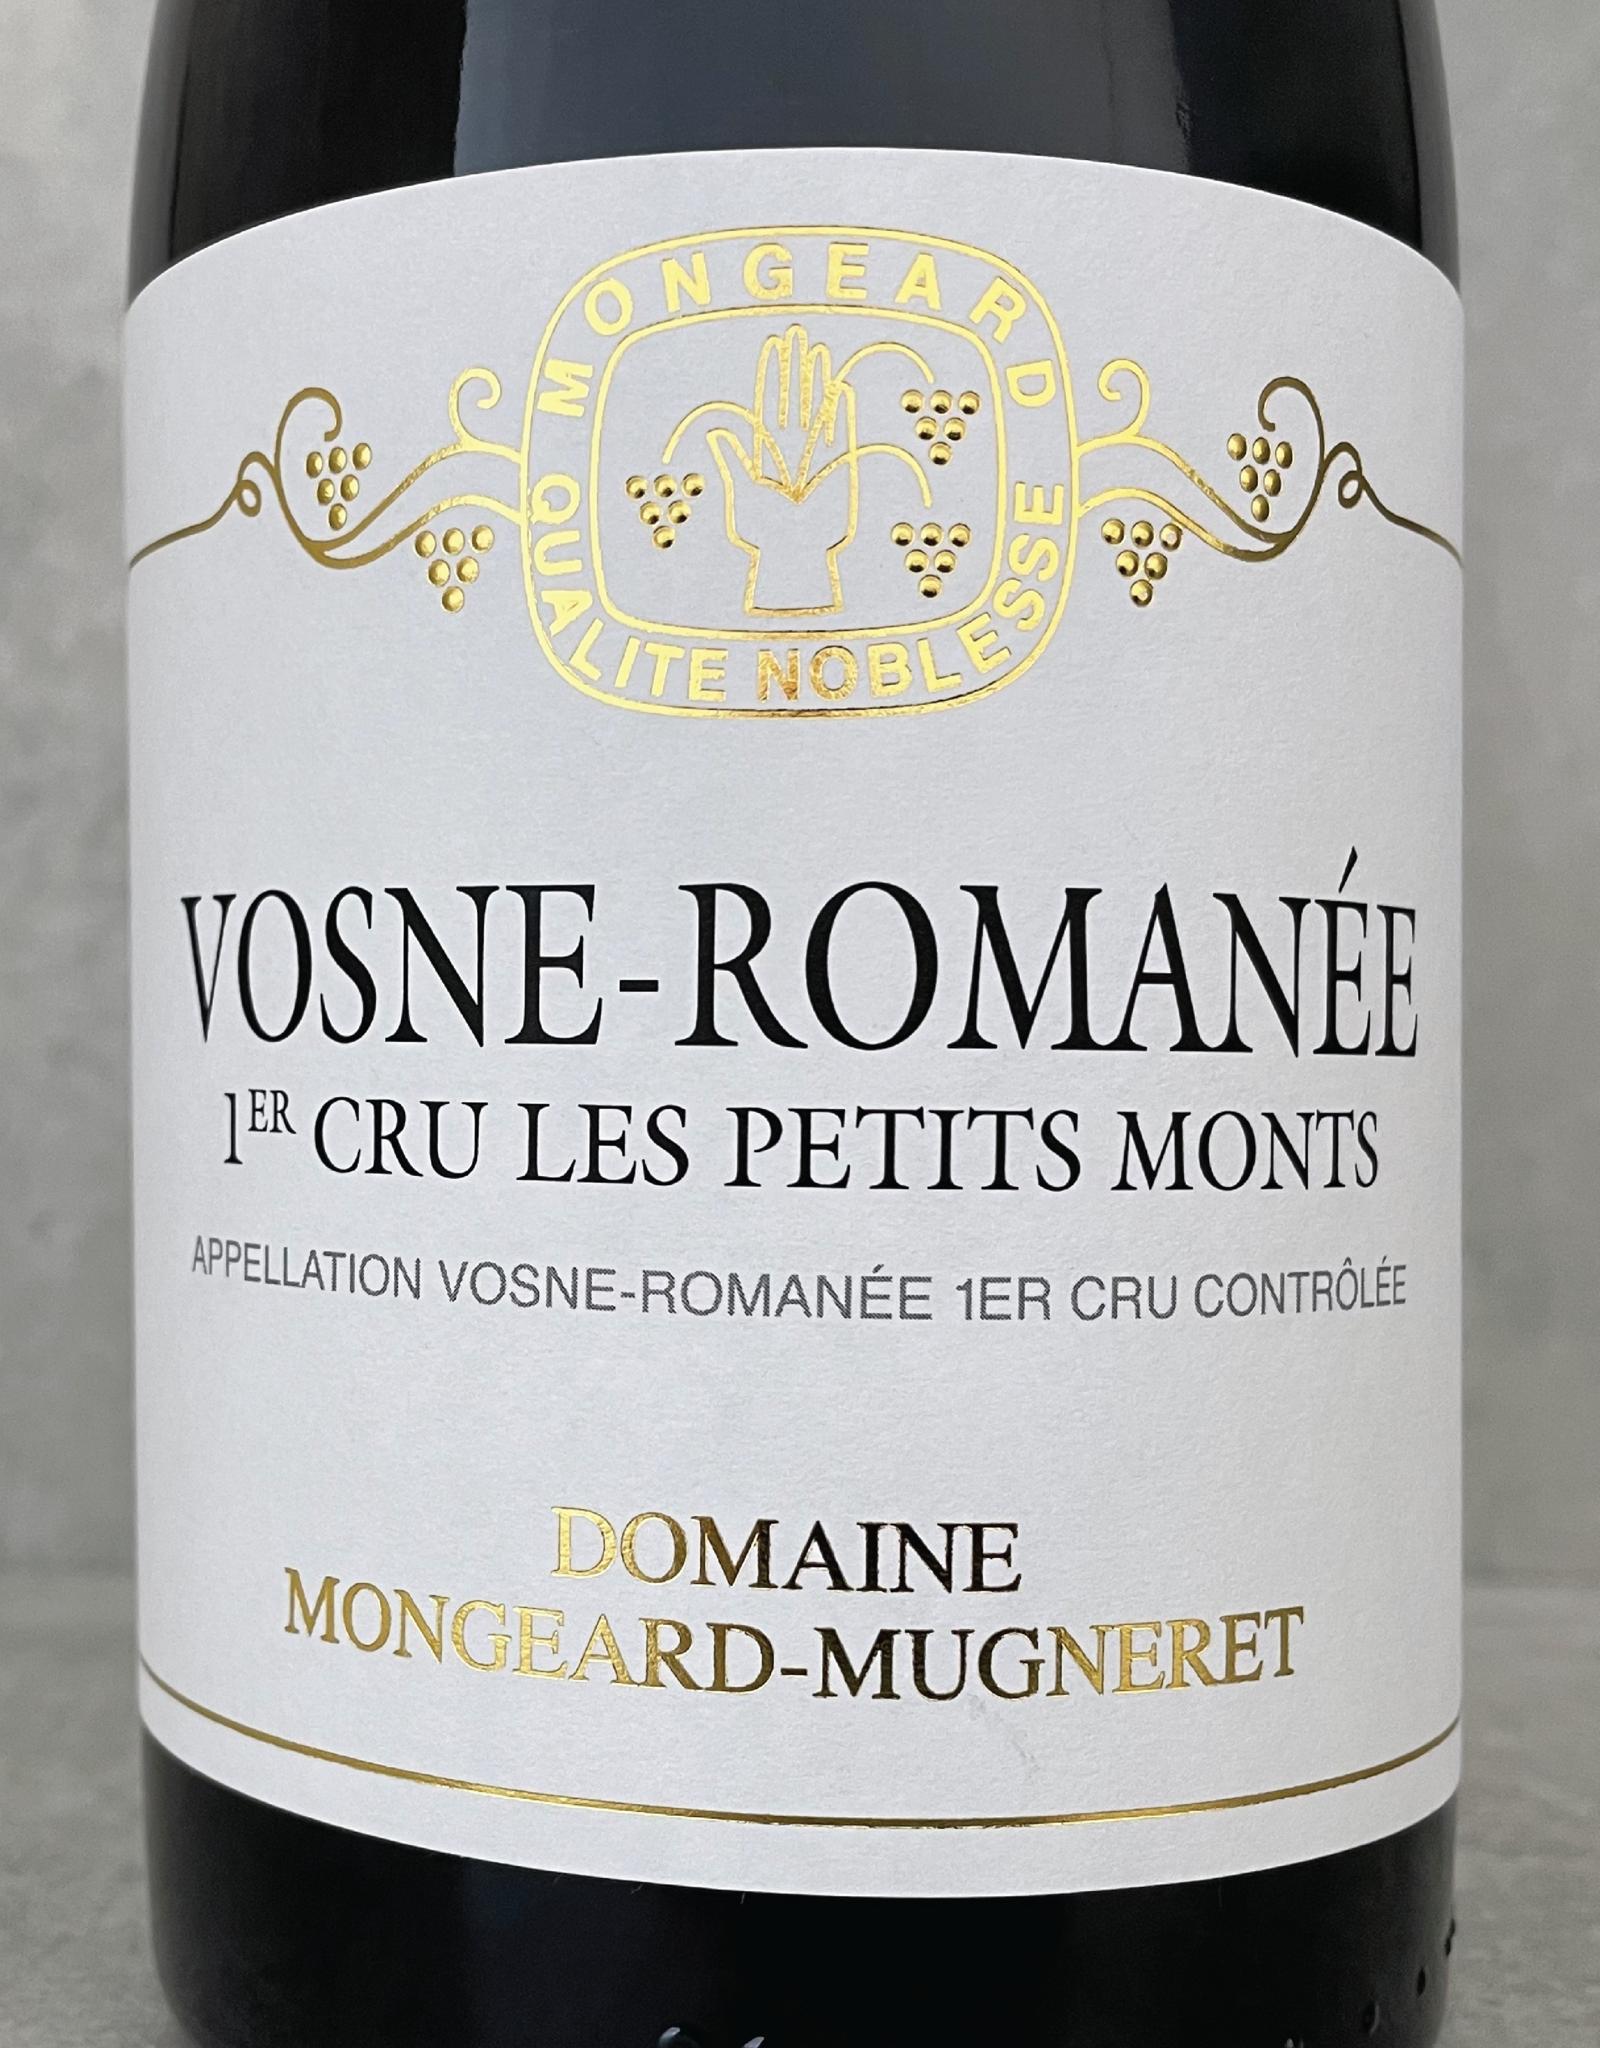 Mongeard-Mugneret Vosne Romanée 1er Les Petits Monts 2017